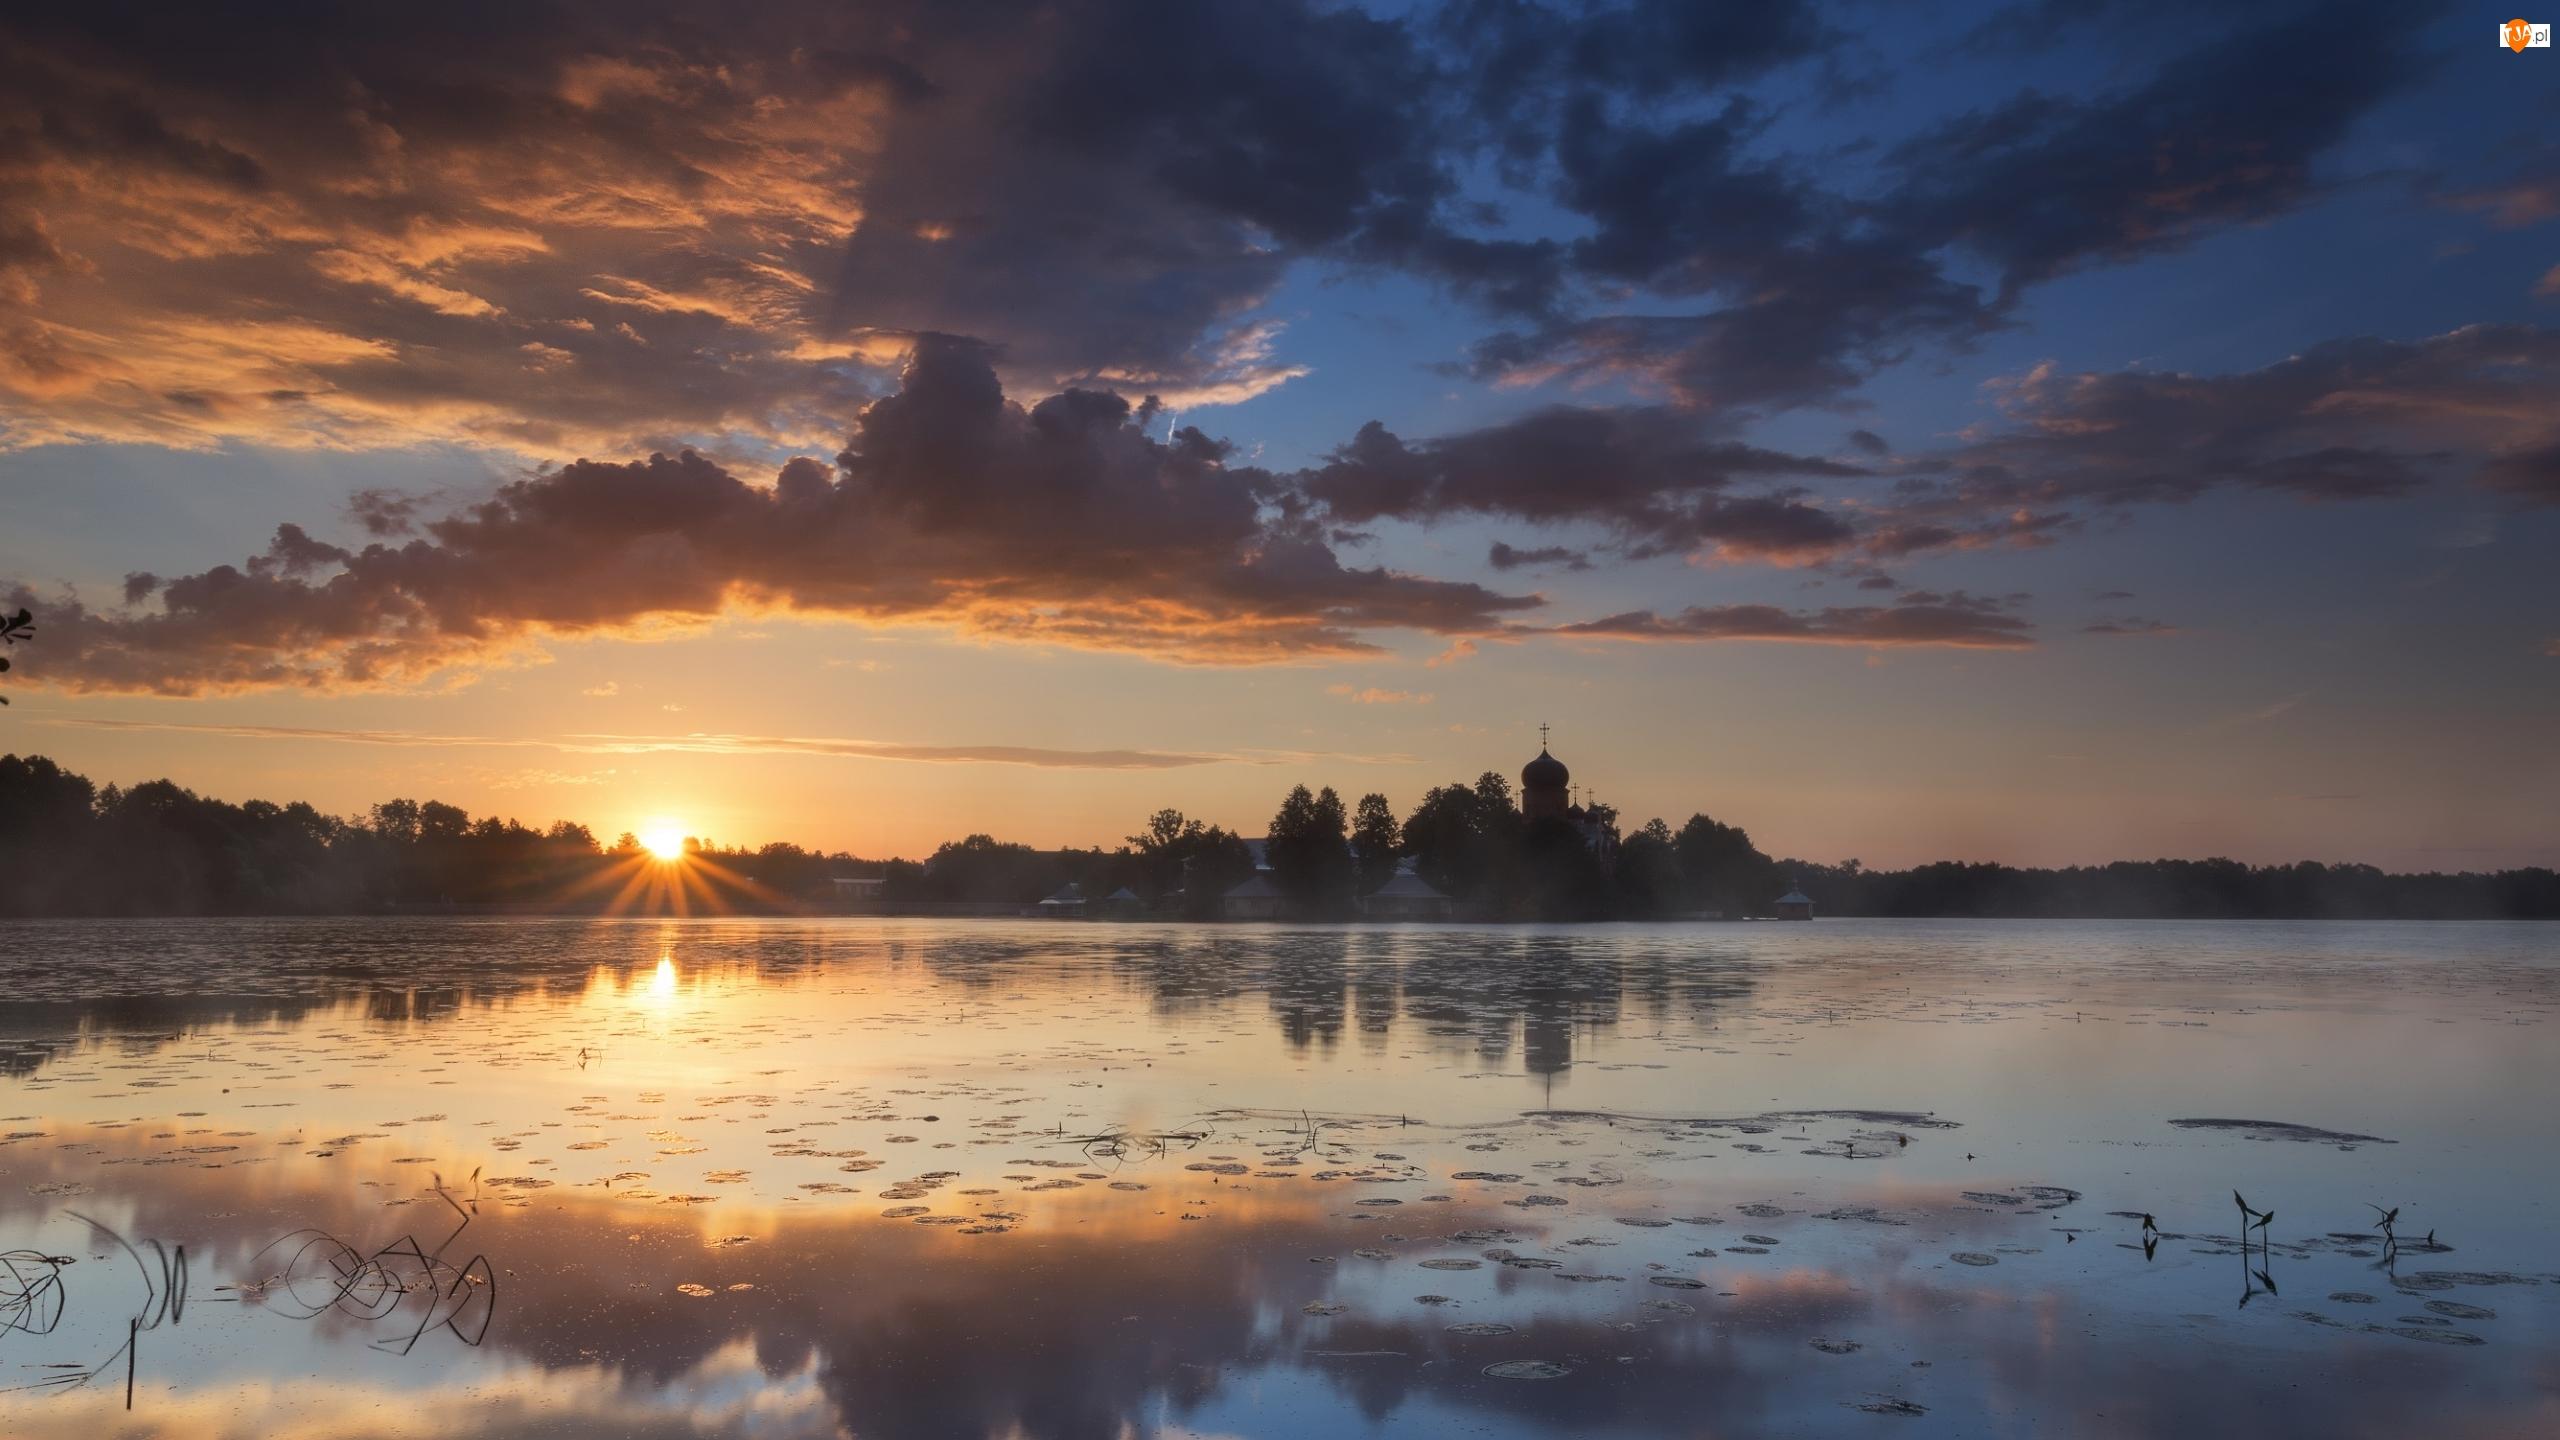 Ciemne, Zachód słońca, Cerkiew, Jezioro, Chmury